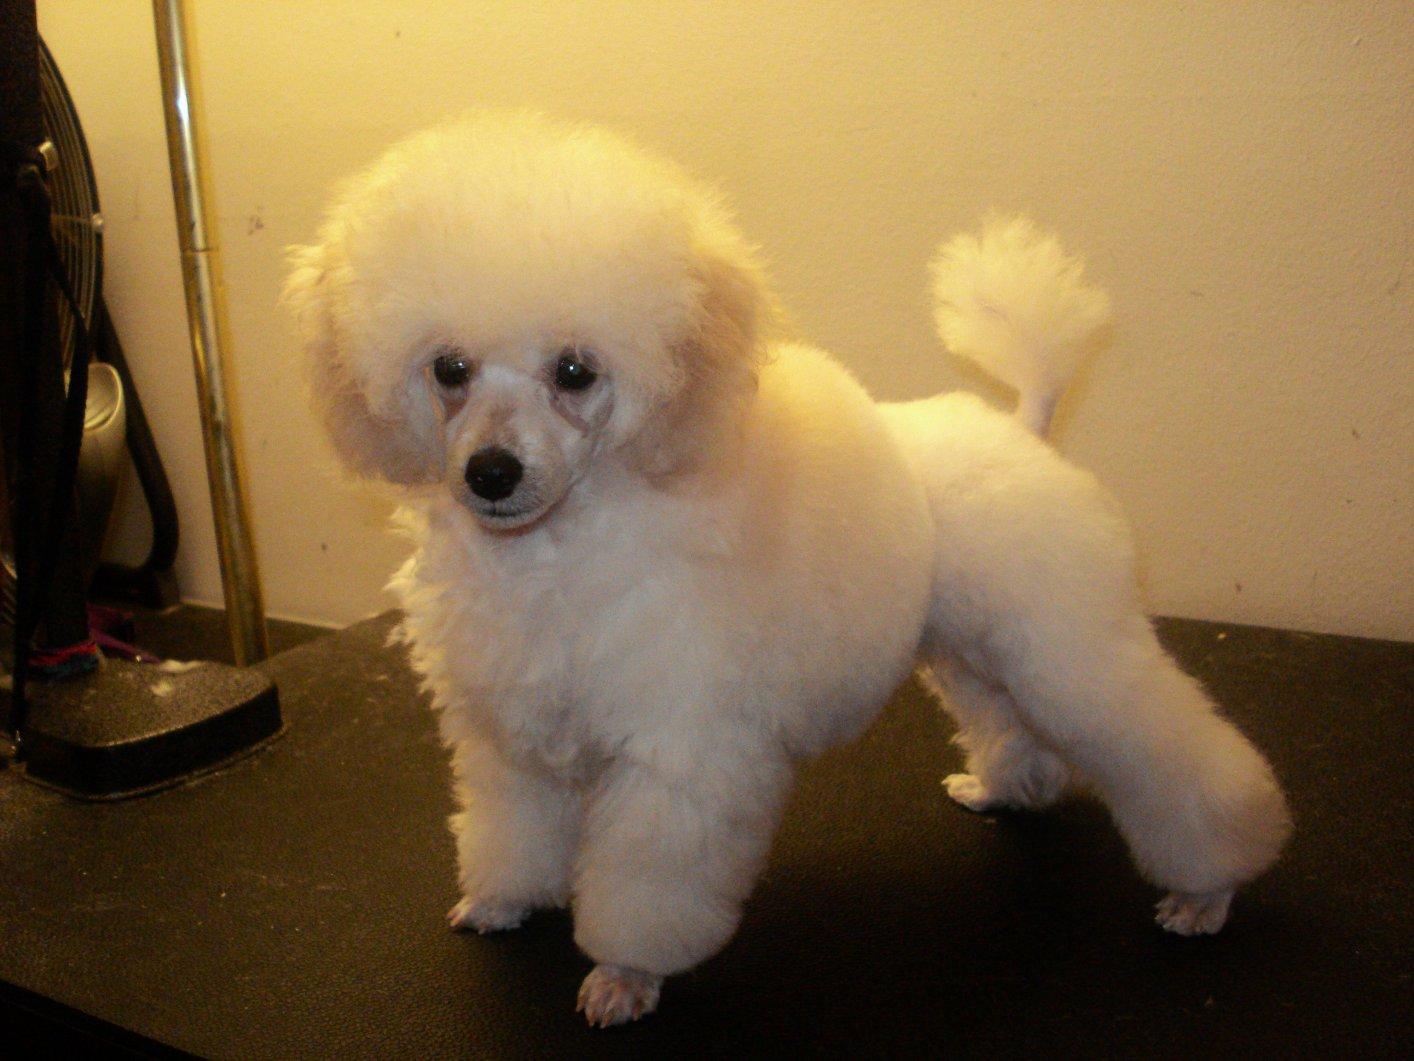 !! - Poodle Forum - Standard Poodle, Toy Poodle, Miniature Poodle ...